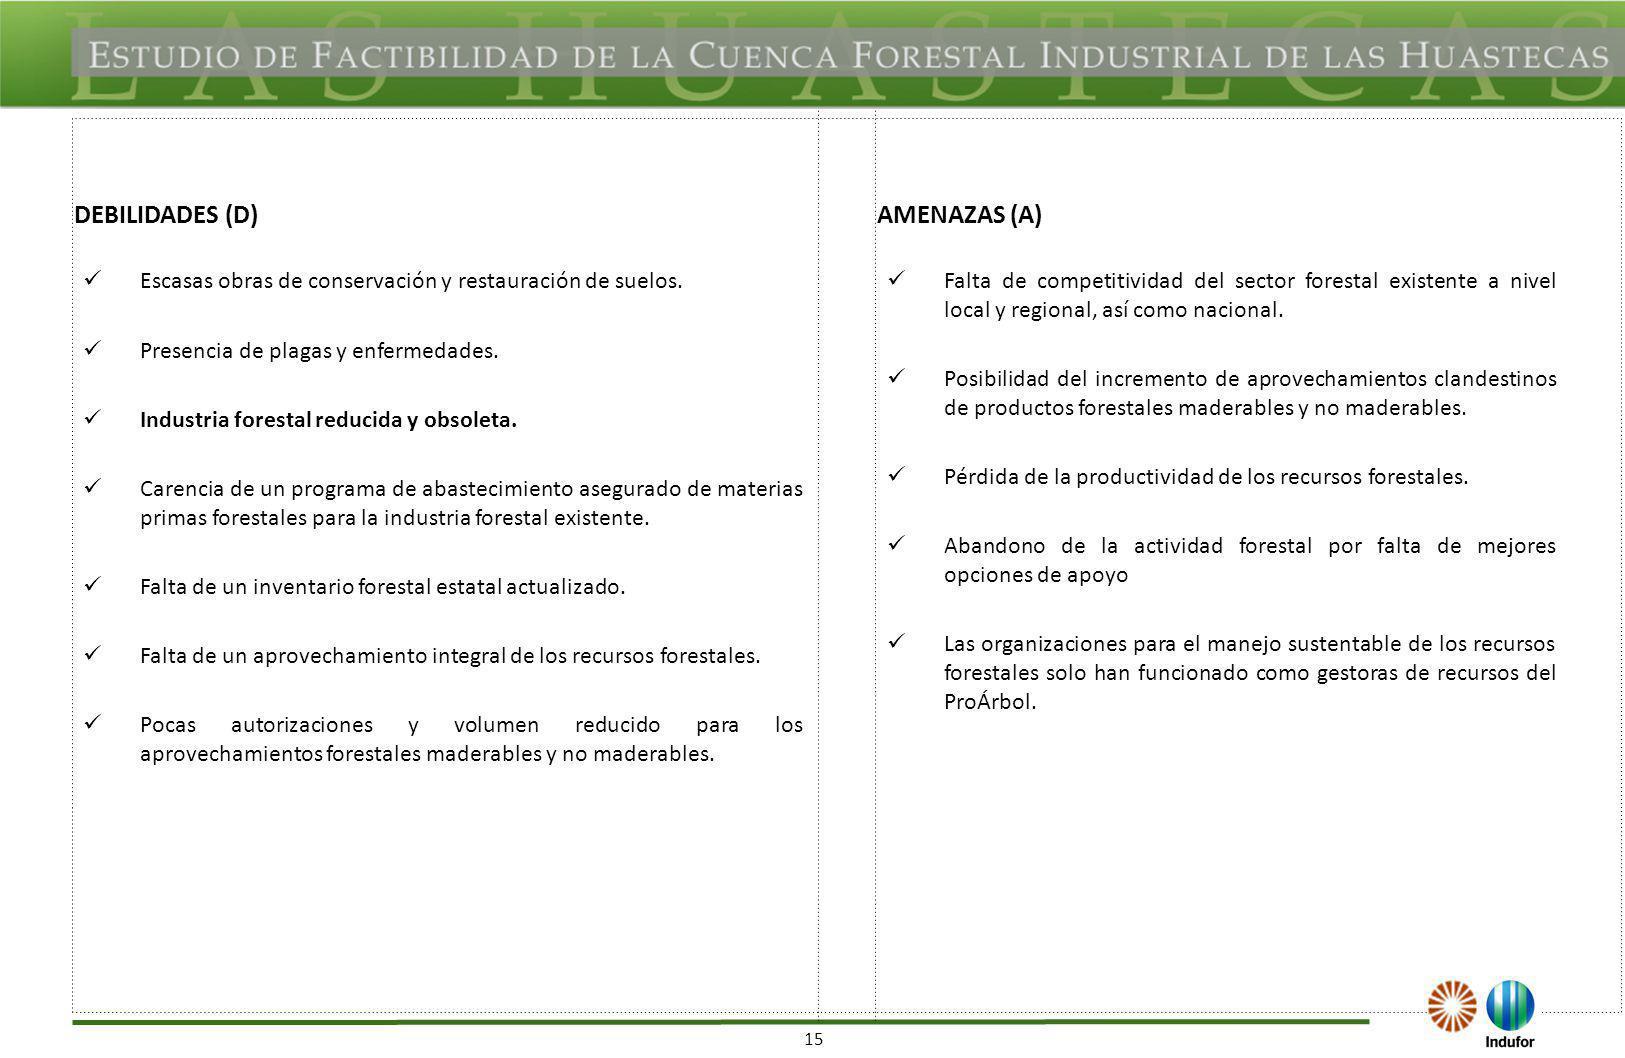 15 DEBILIDADES (D)AMENAZAS (A) Escasas obras de conservación y restauración de suelos. Presencia de plagas y enfermedades. Industria forestal reducida